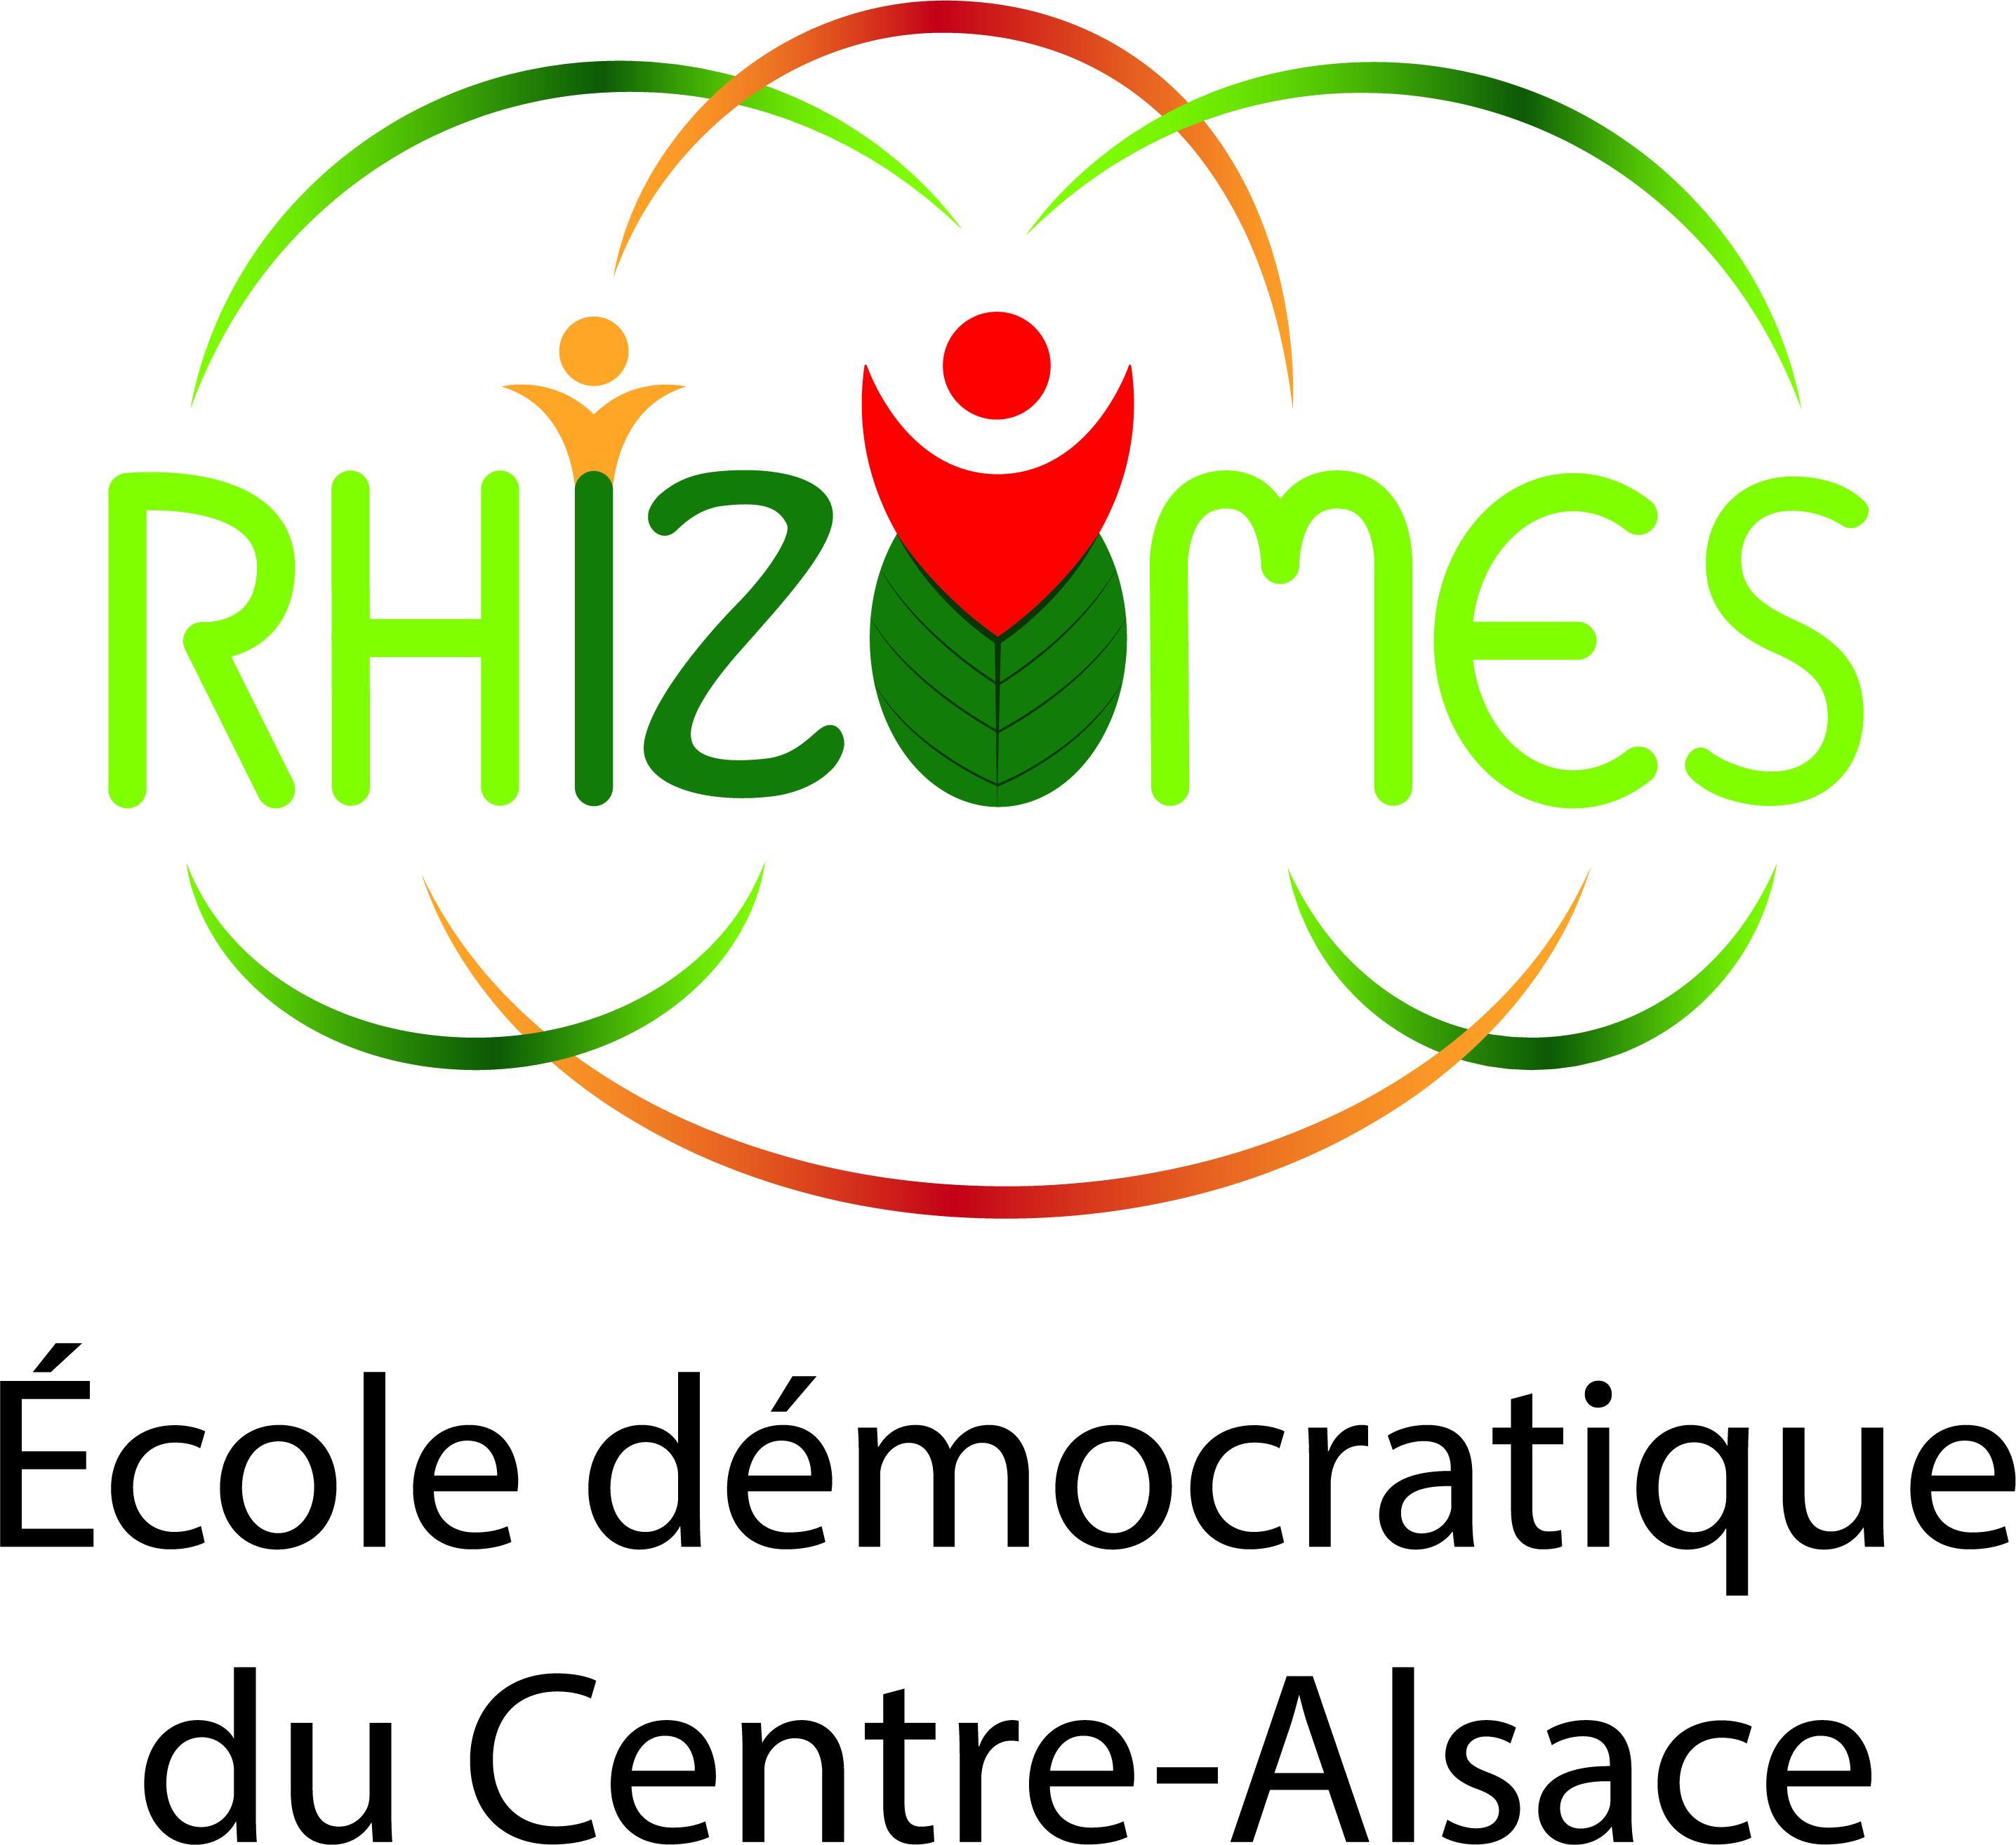 Ecole démocratique Rhizomes